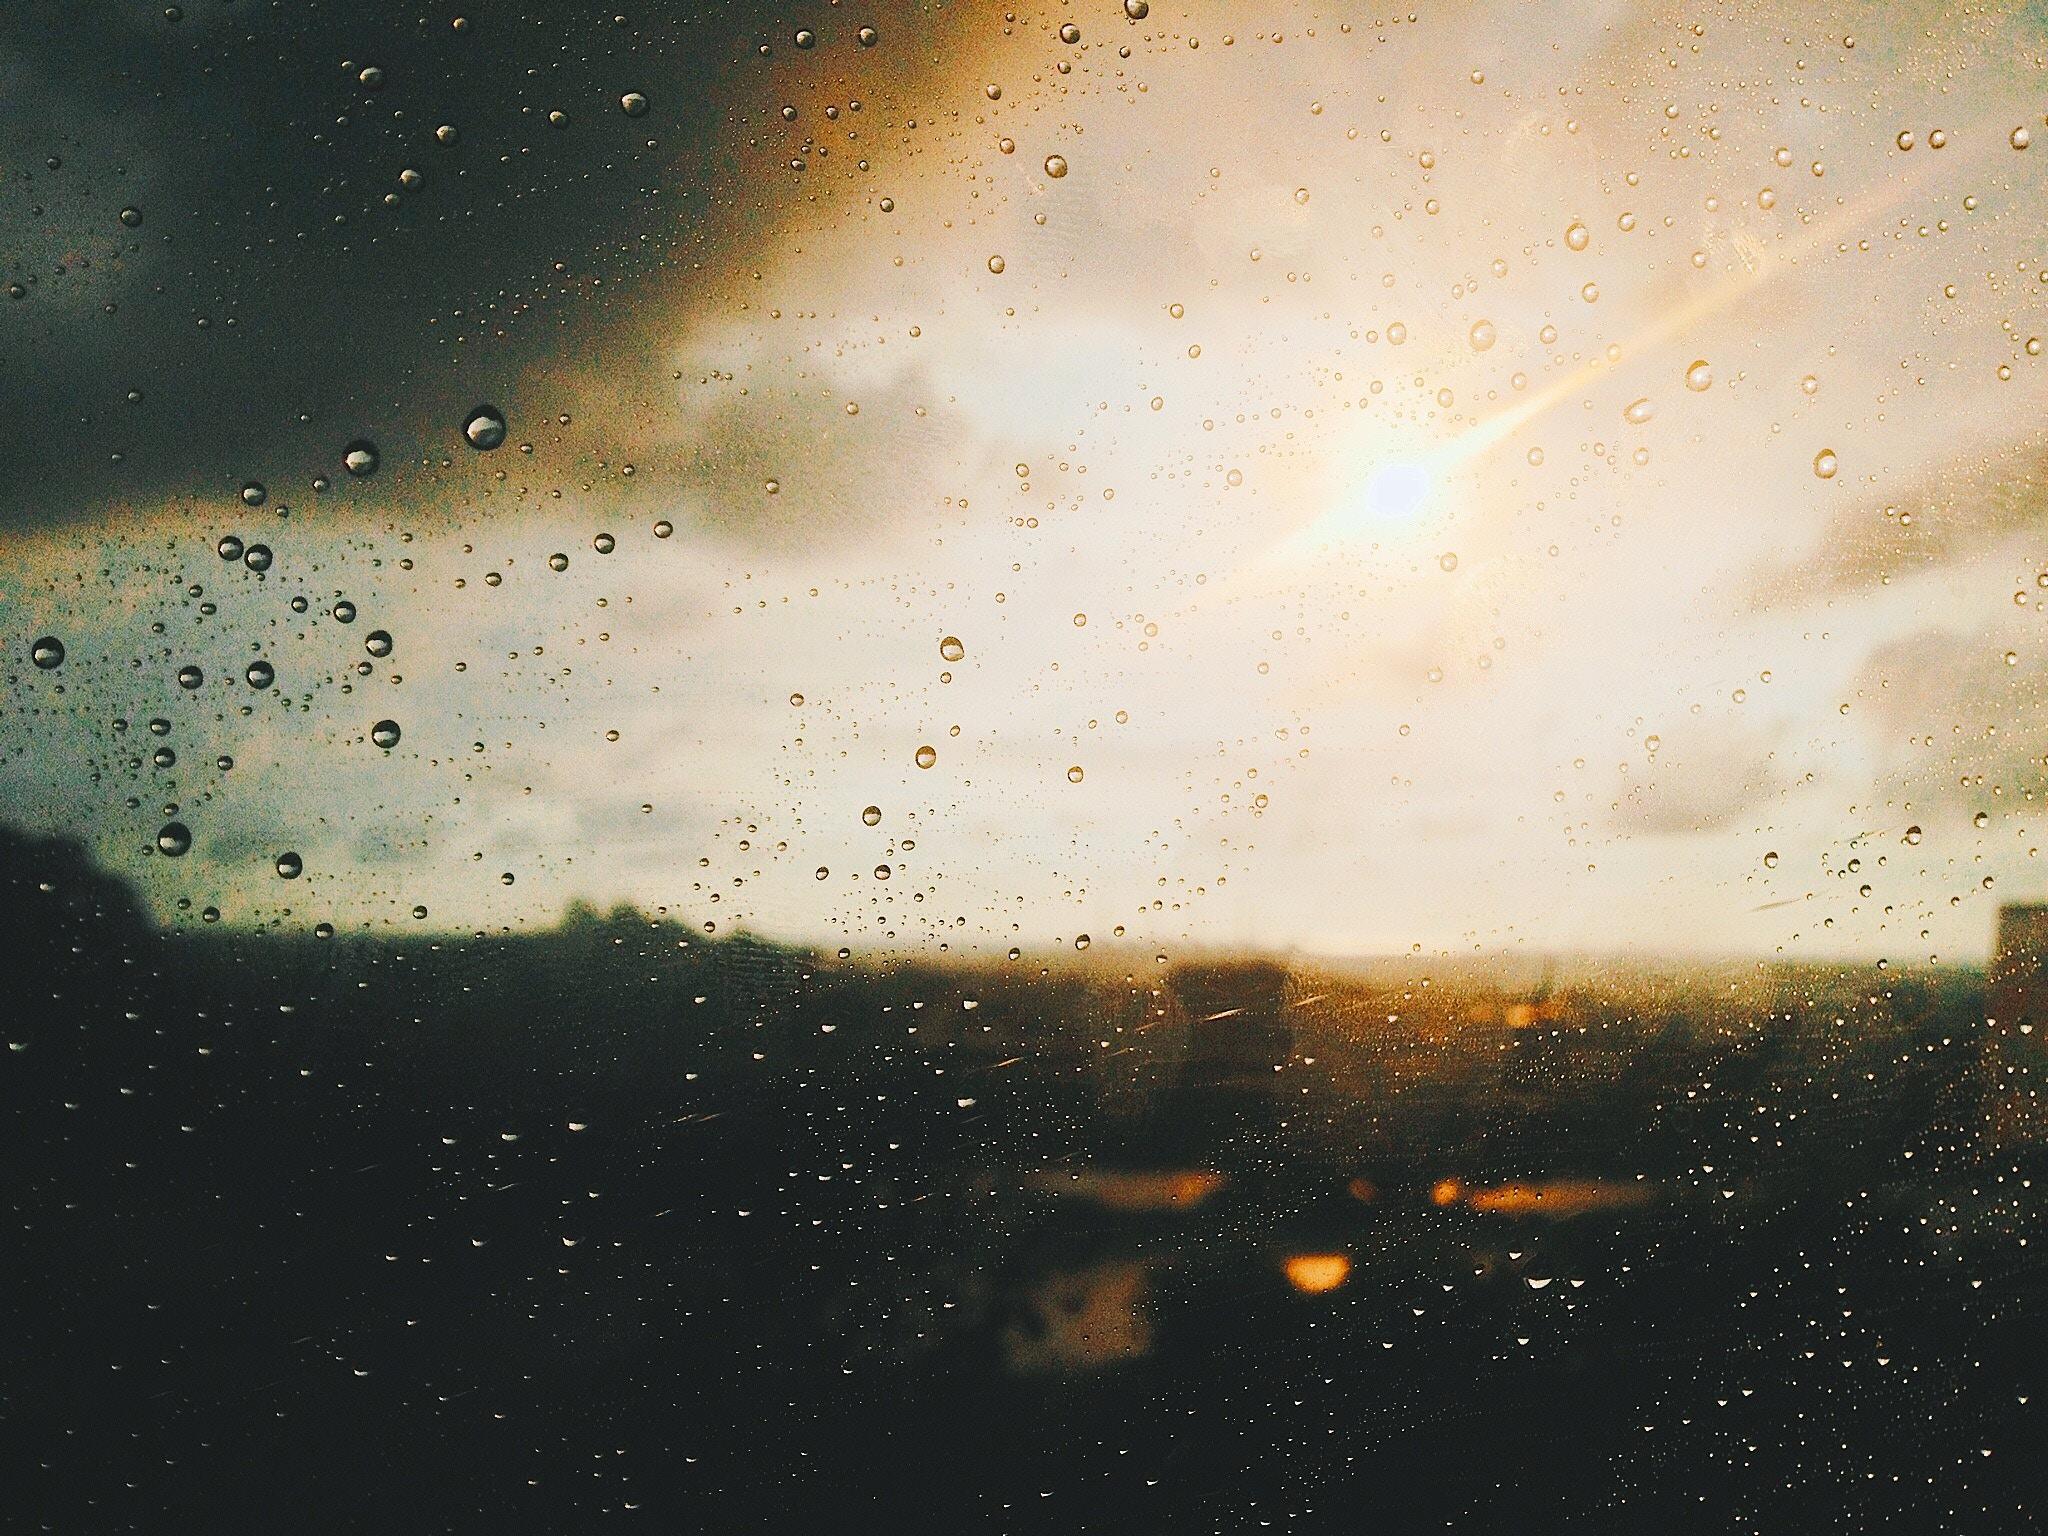 rainy-day blues